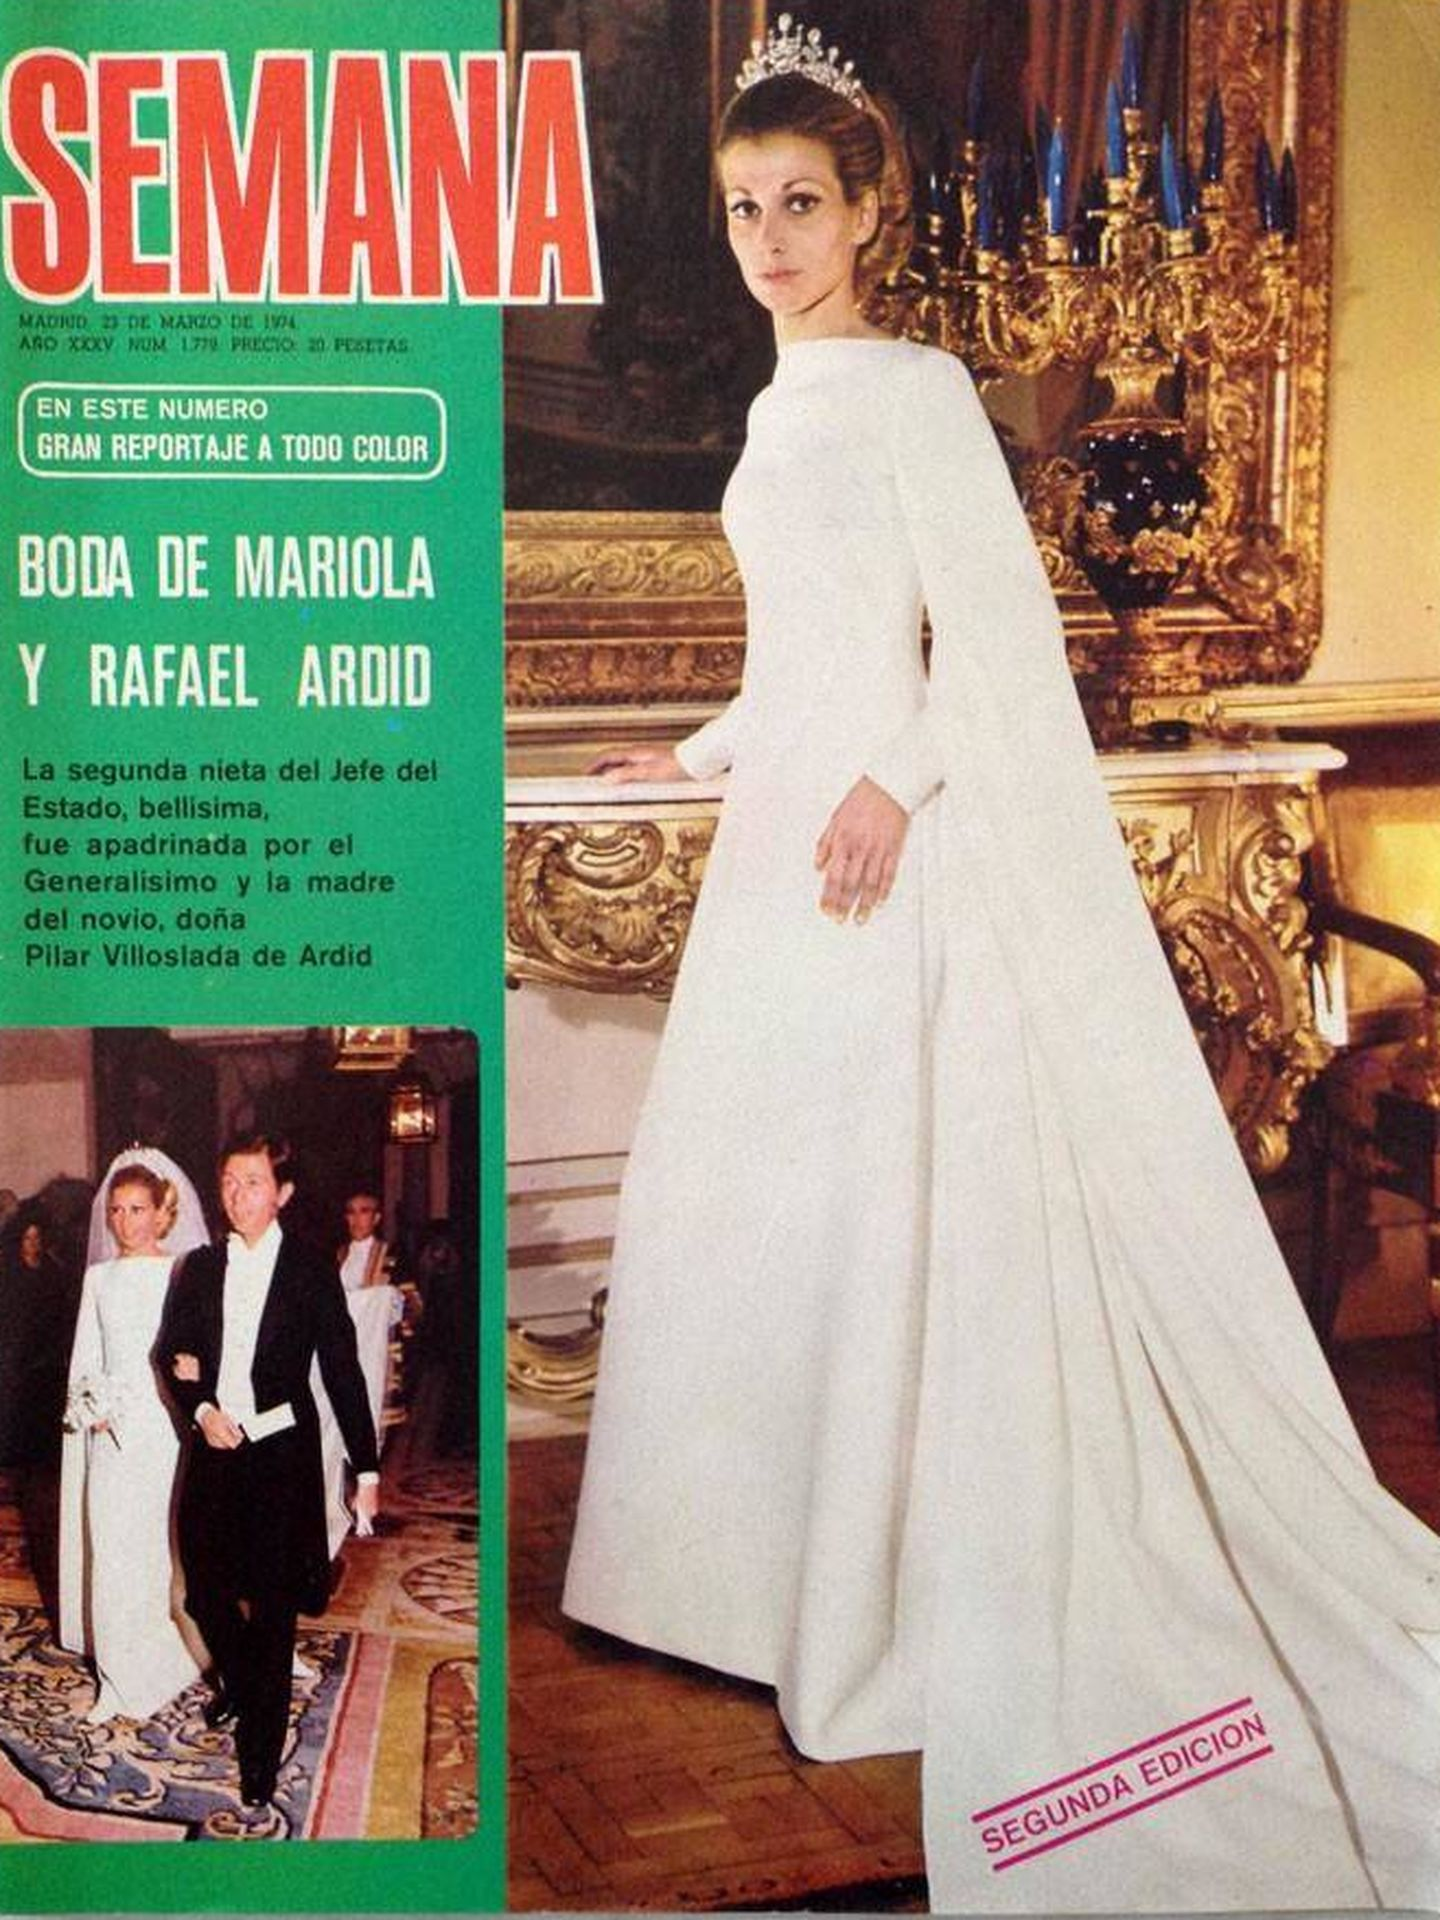 Boda de Mariola y Rafael Ardid. (Semana)